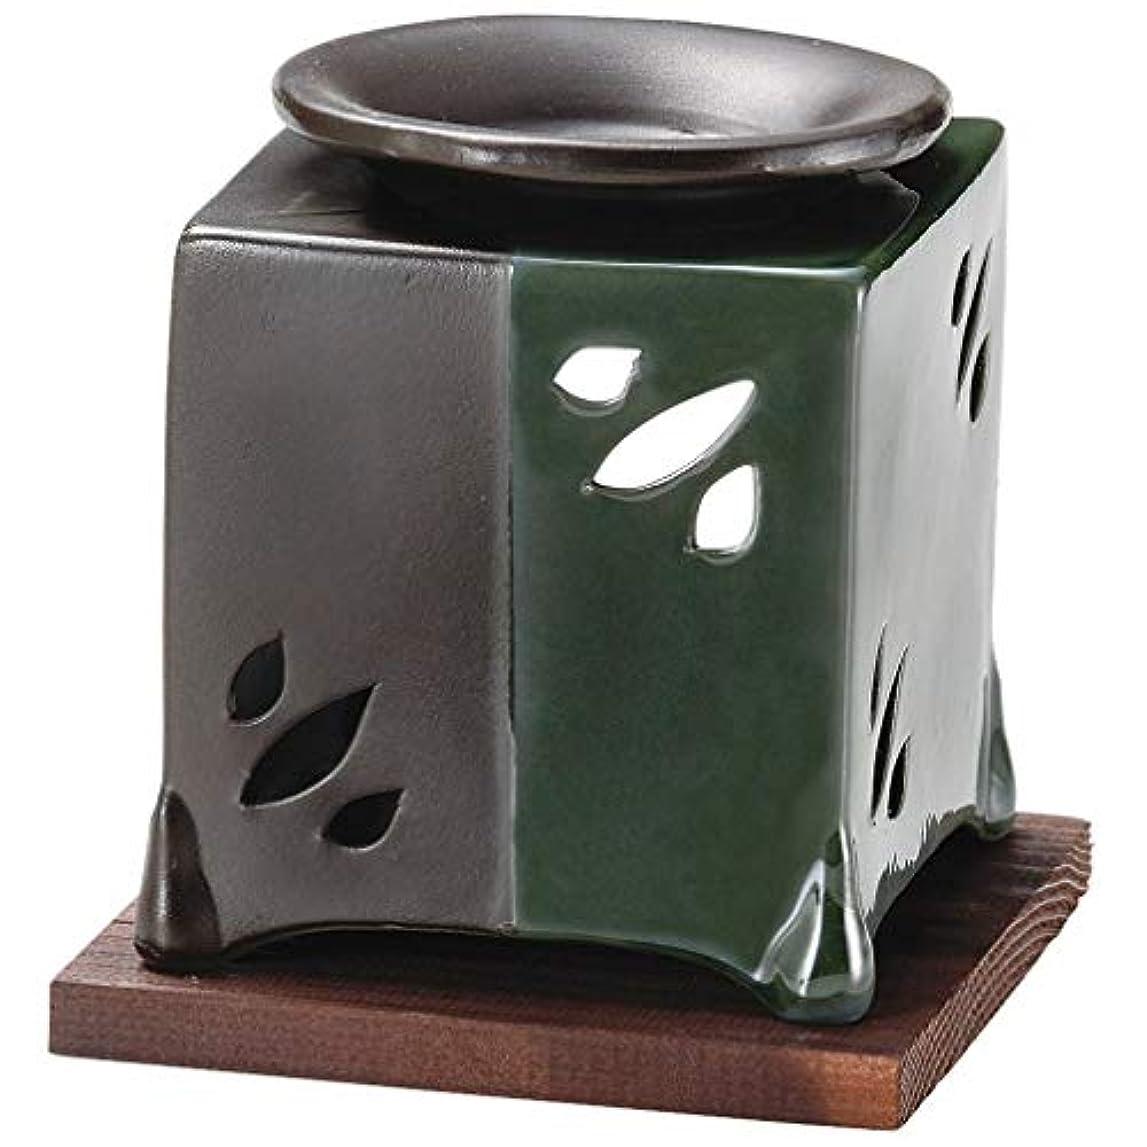 効能あるダンス共産主義常滑焼 G1711 茶香炉  9×9×11cm